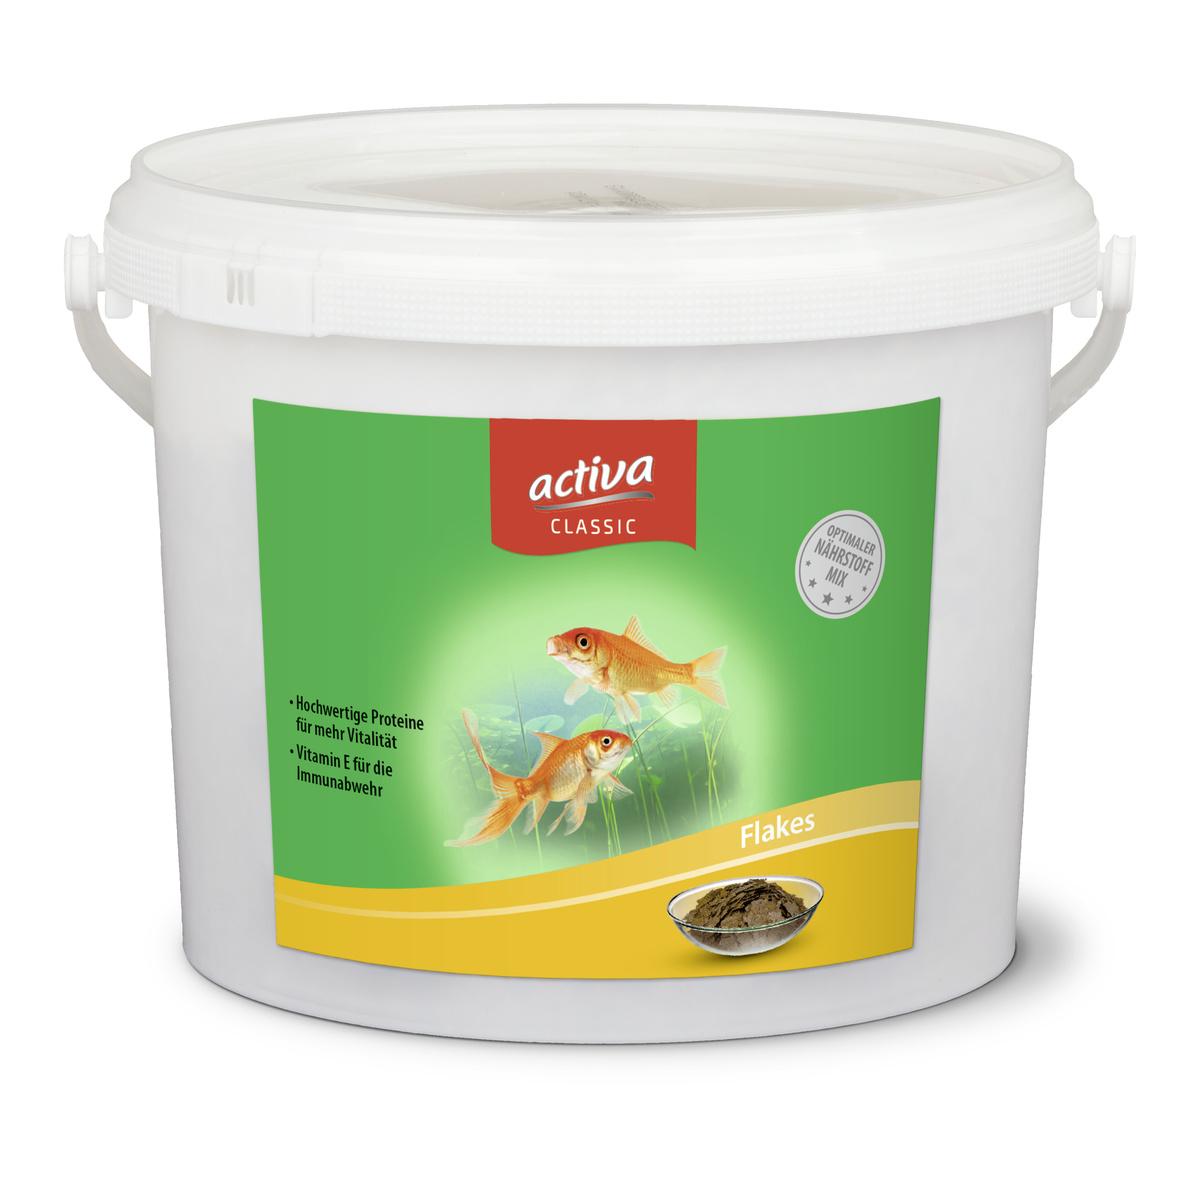 activa CLASSIC Flakes Hauptfutter für Zierfische im Gartenteich